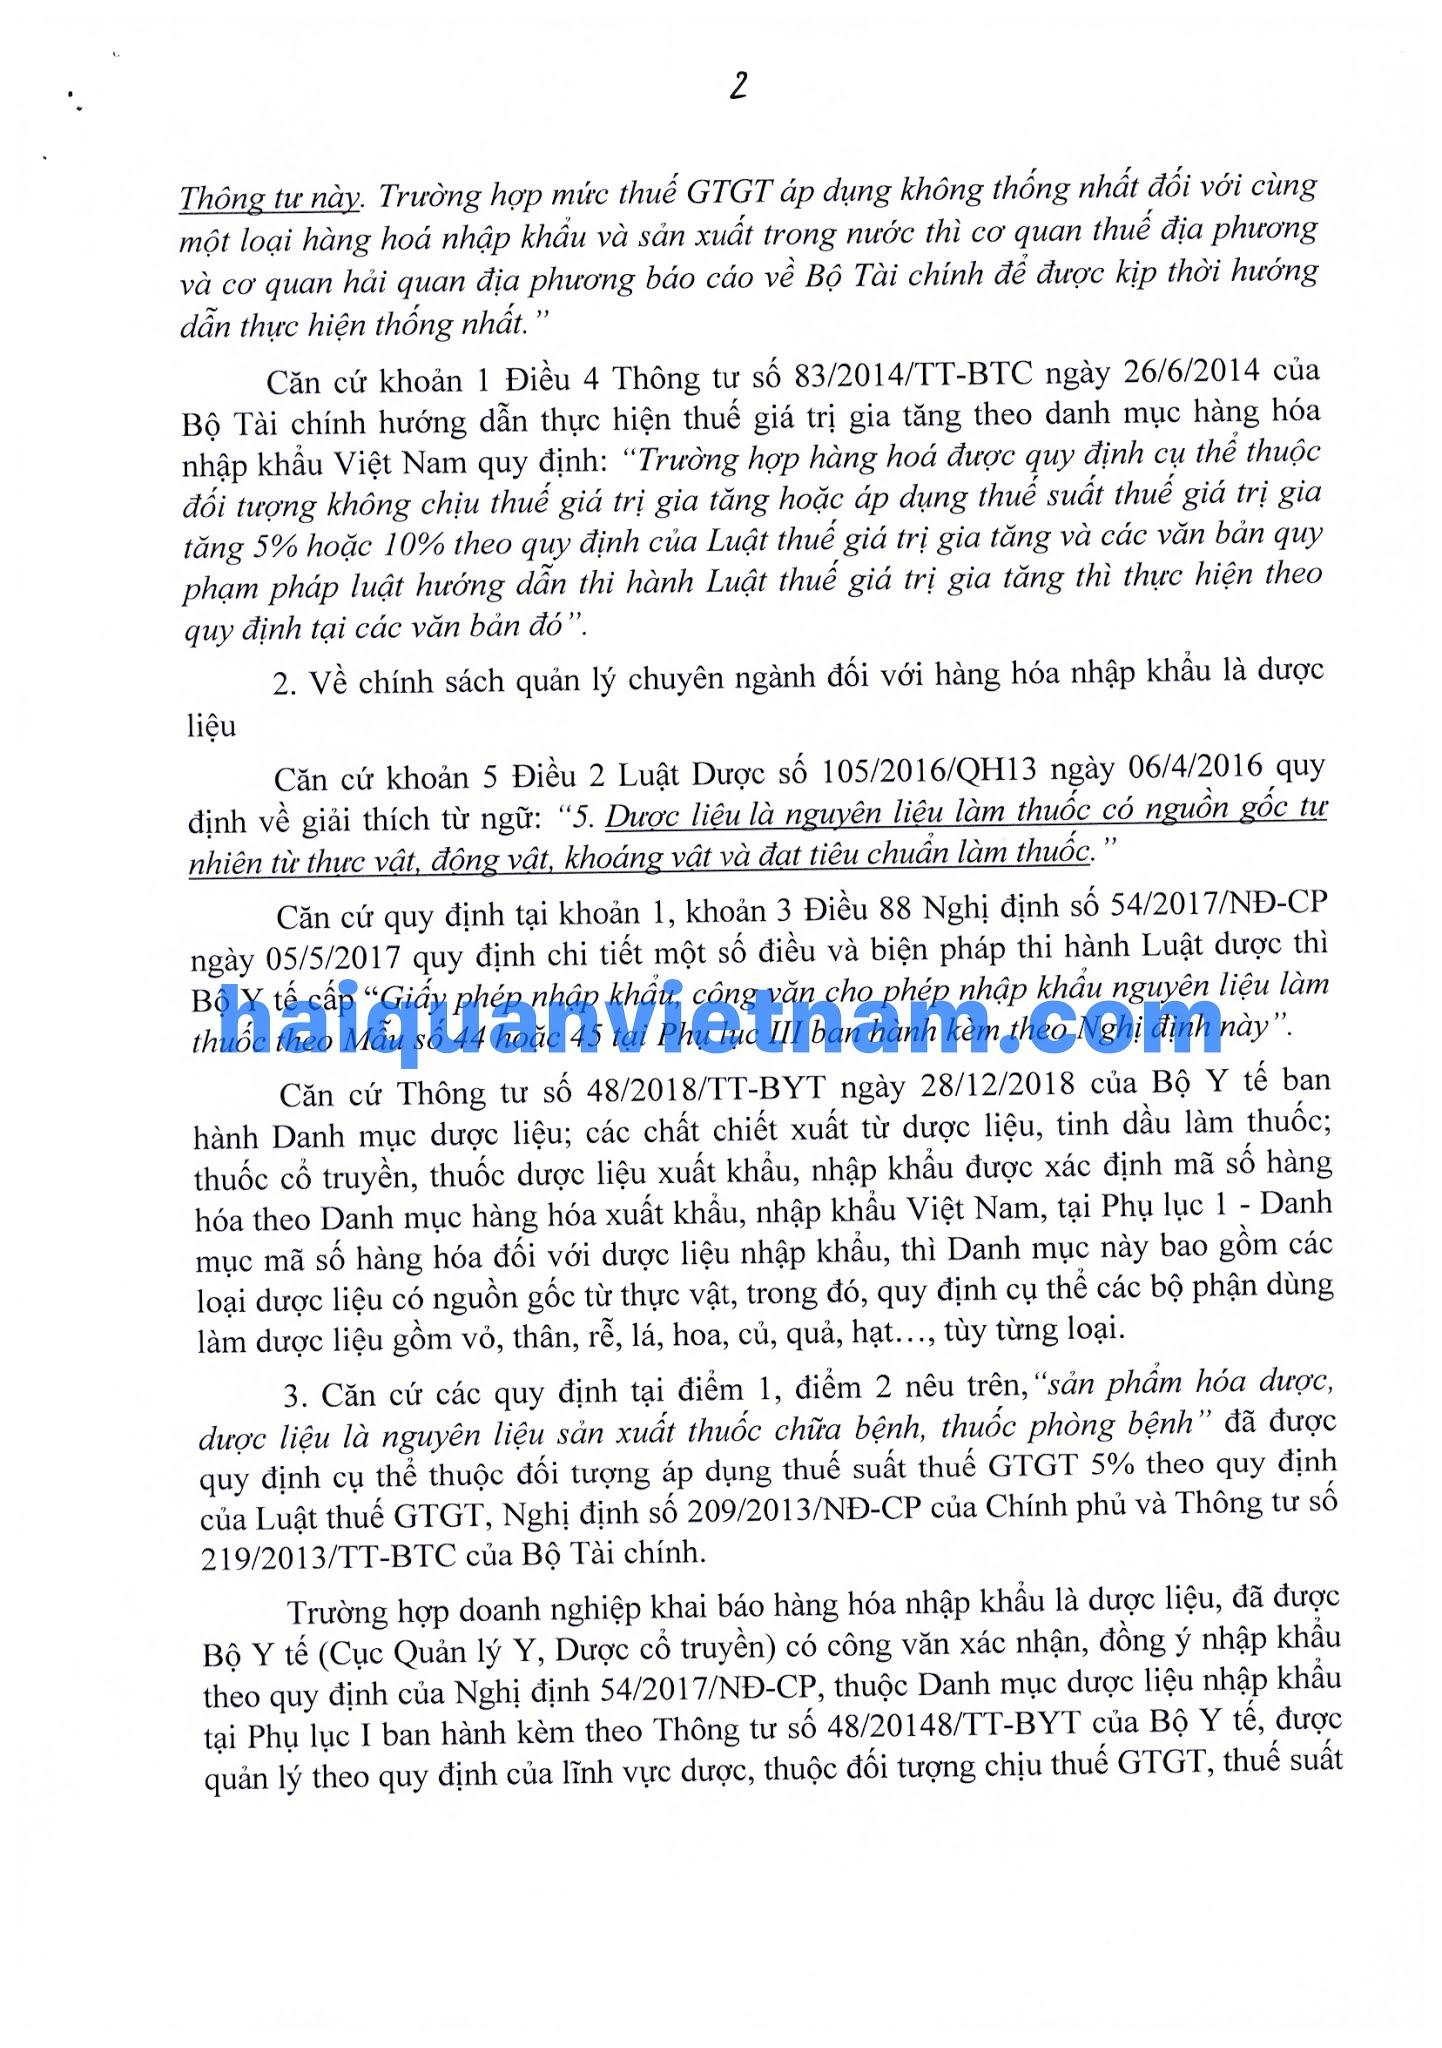 [Image: 210716%2B-%2B3595-TCHQ-TXNK_haiquanvietnam_02.jpg]